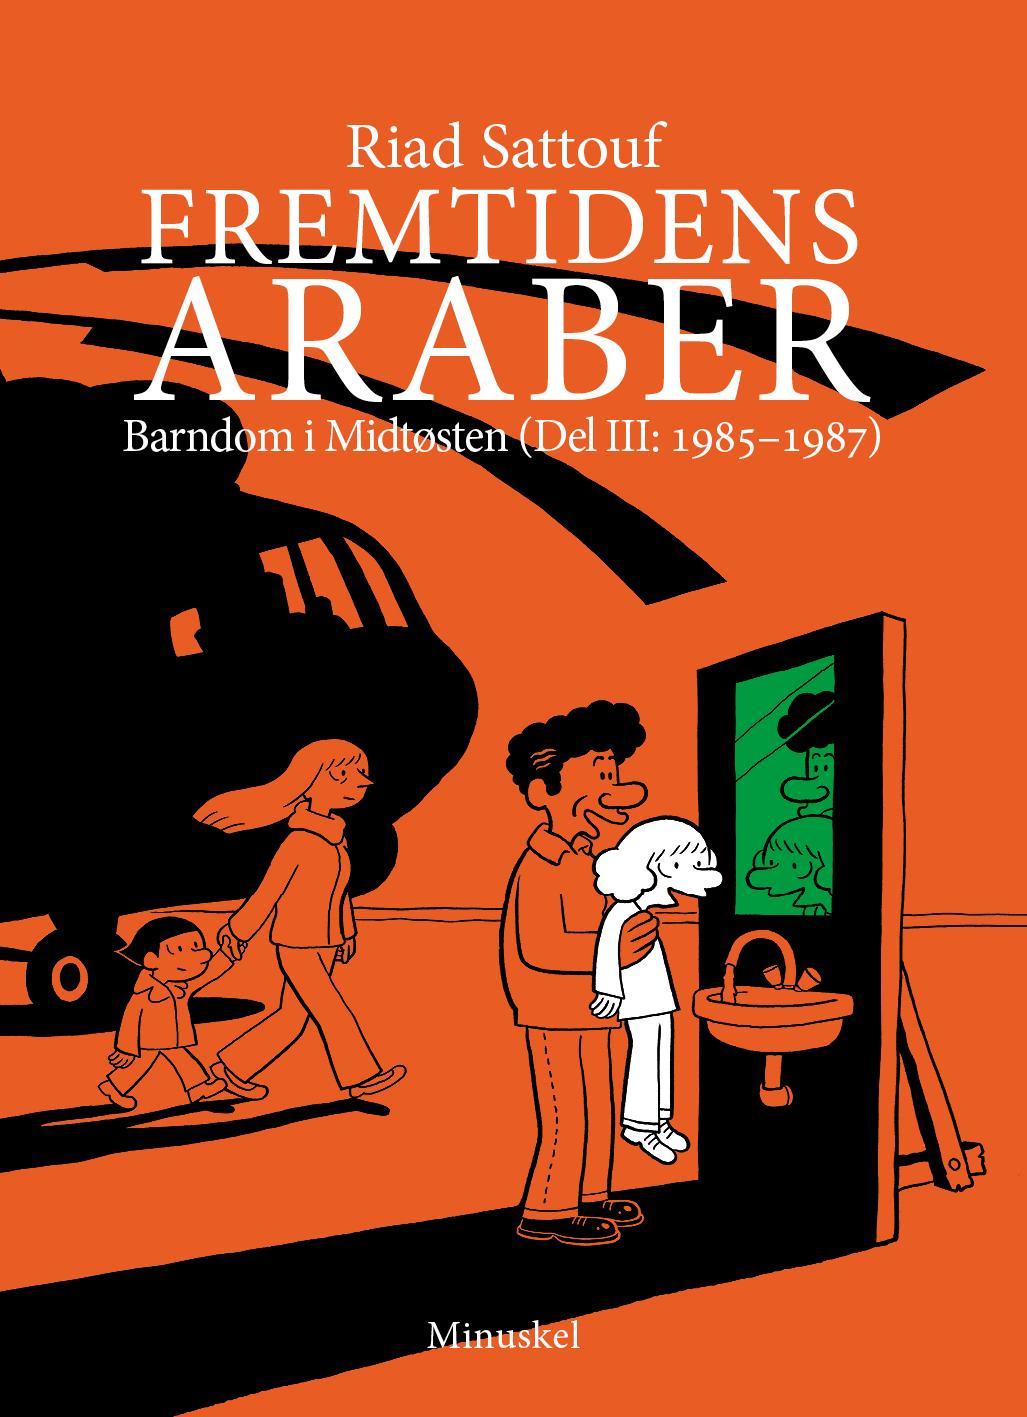 """""""Fremtidens araber - barndom i Midtøsten"""" av Riad Sattouf"""